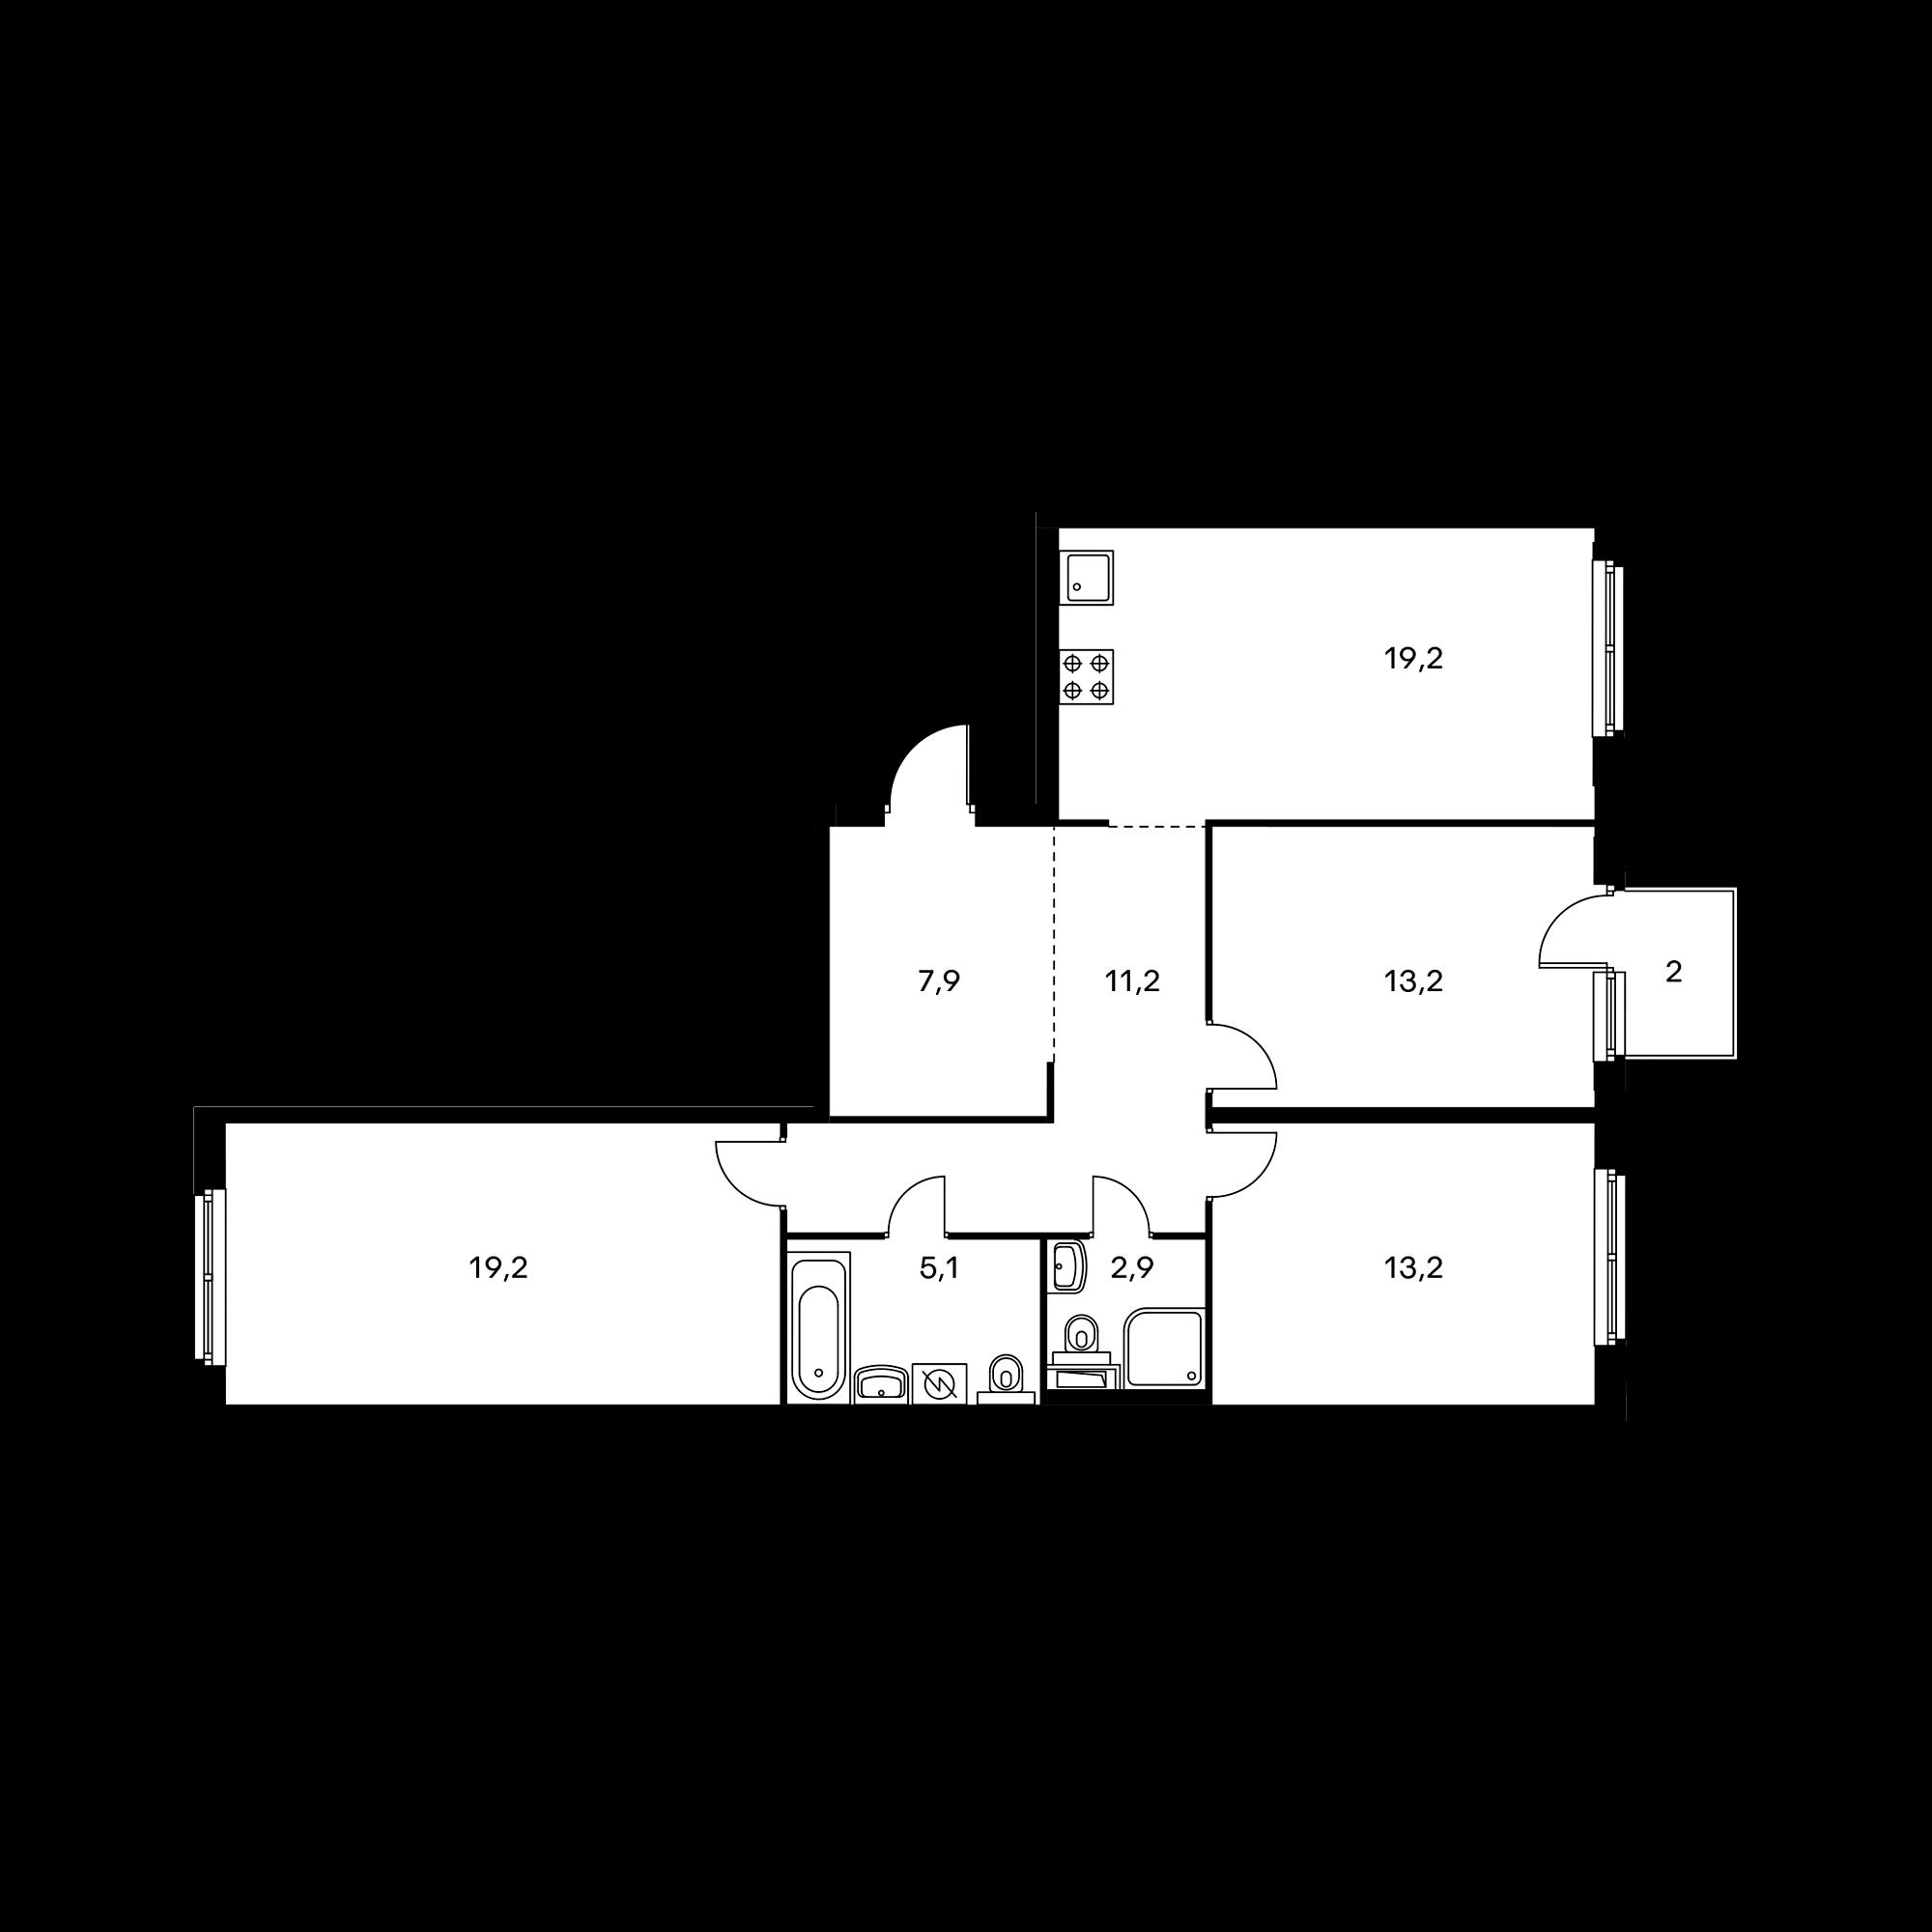 3EL3_10.2-2ZB1